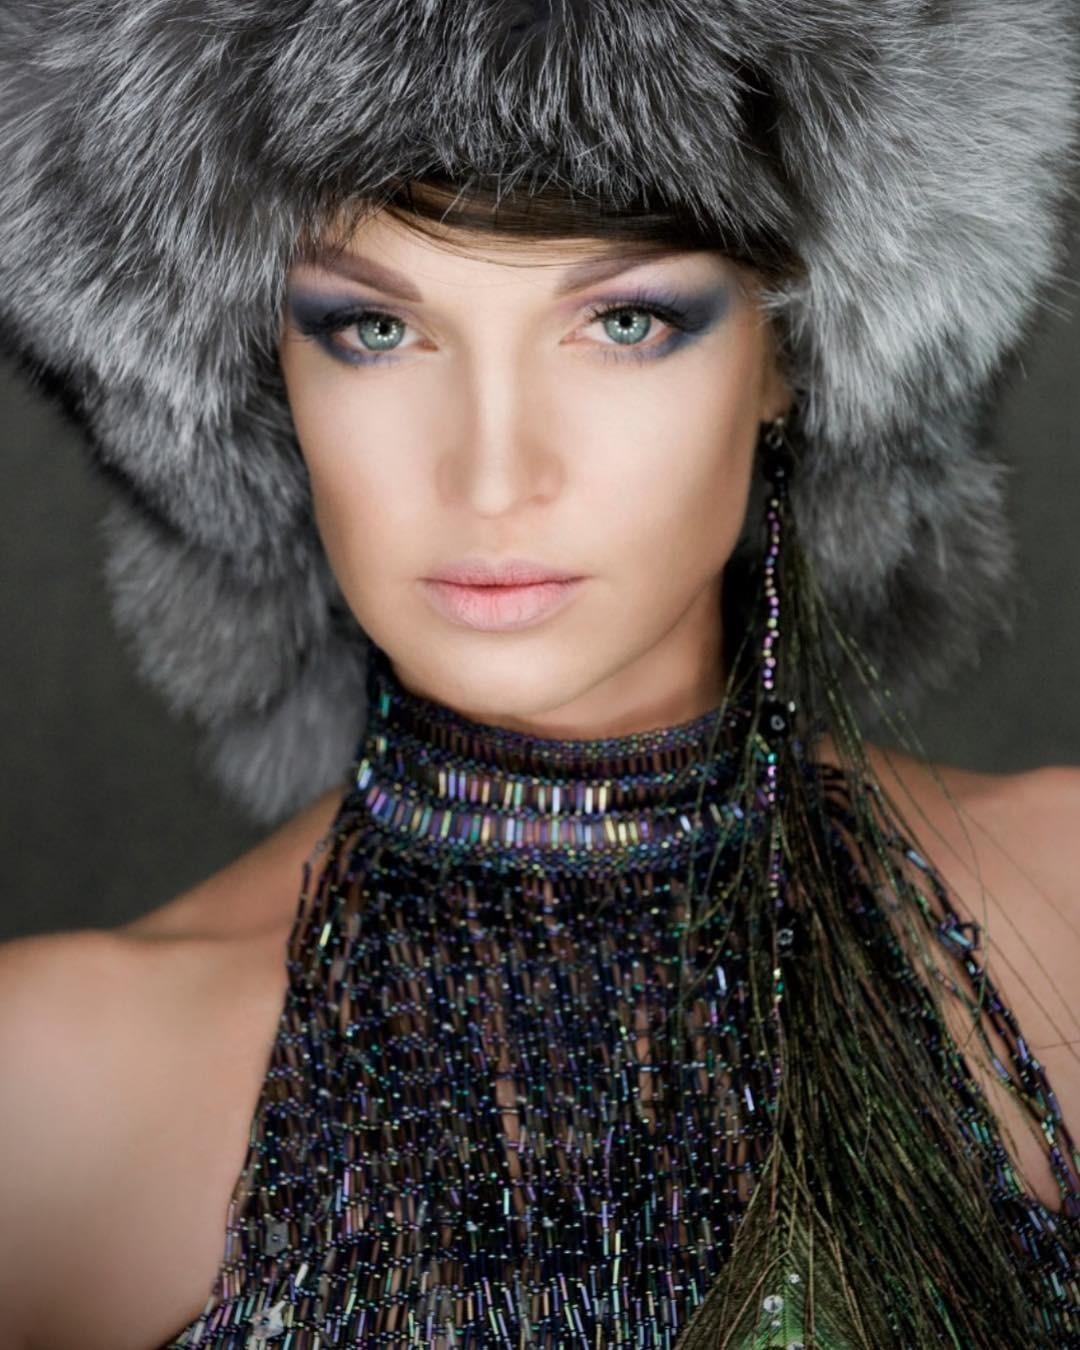 Анастасия Волочкова заявила, что не будет сниматься в фильме